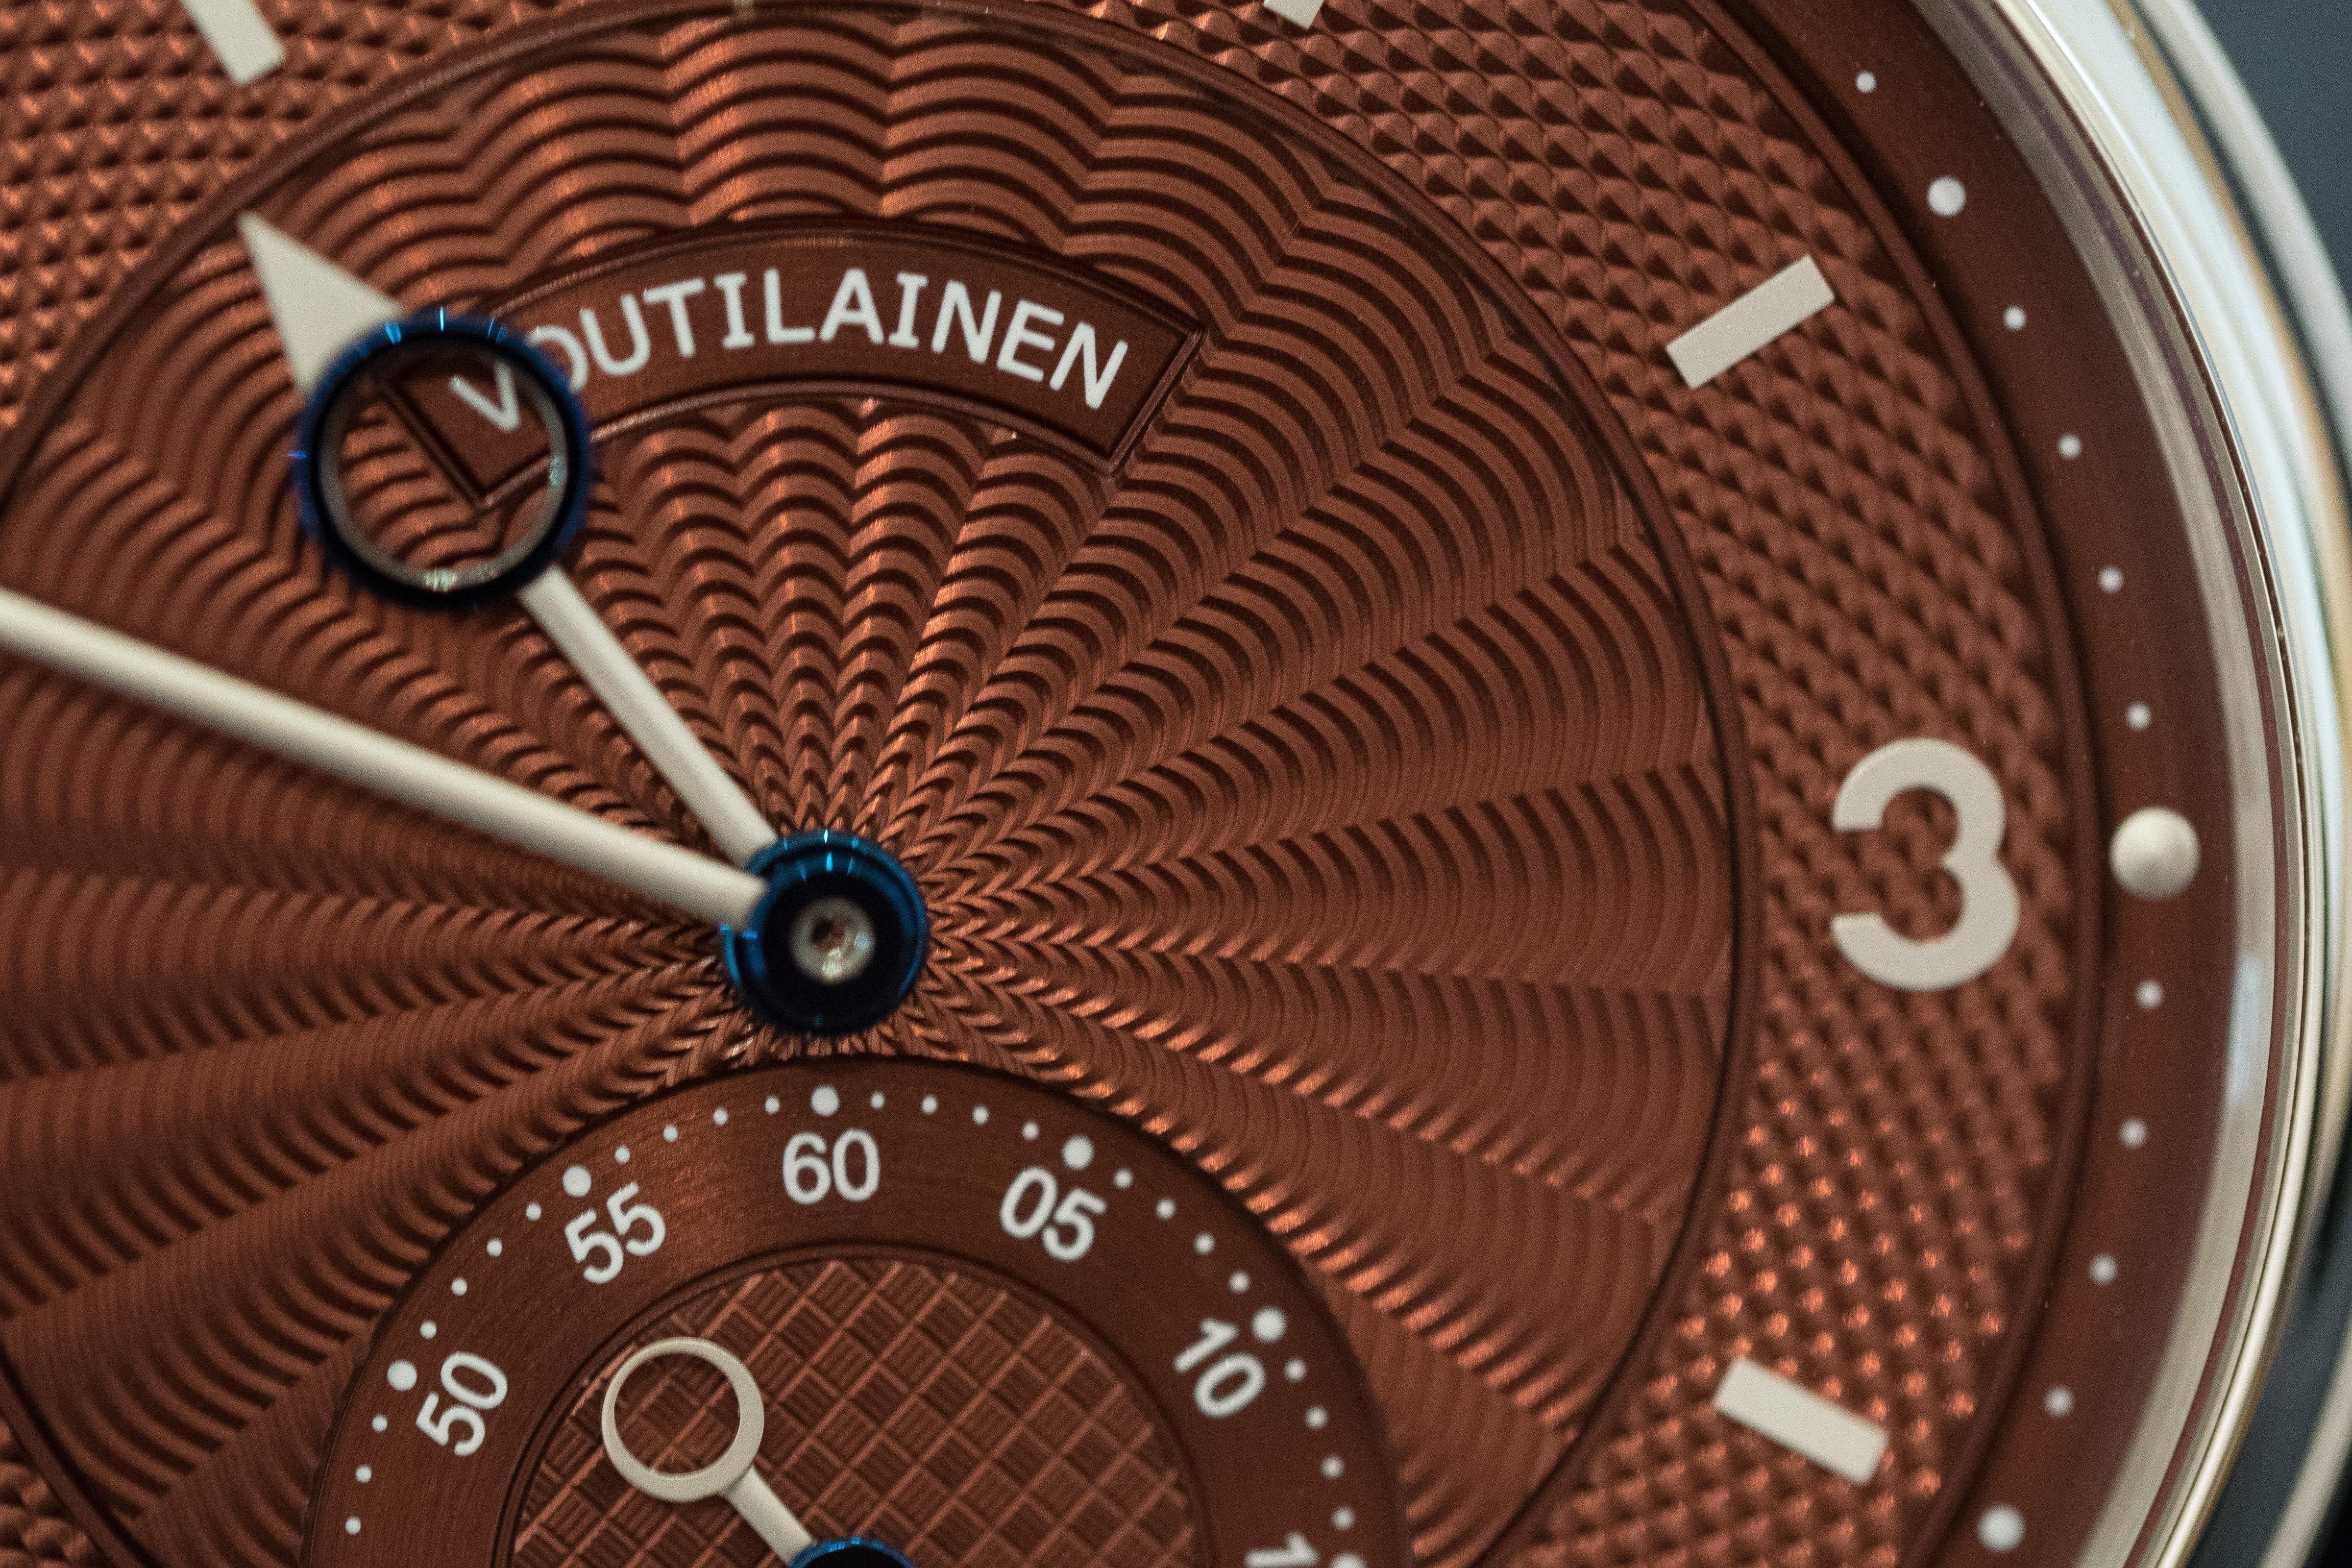 Voutilainen Vingt-8 guilloche Hands-On: Kari Voutilainen's Unique Platinum GMT-6 And Burgundy Dial Vingt-8 Hands-On: Kari Voutilainen's Unique Platinum GMT-6 And Burgundy Dial Vingt-8 P1200431